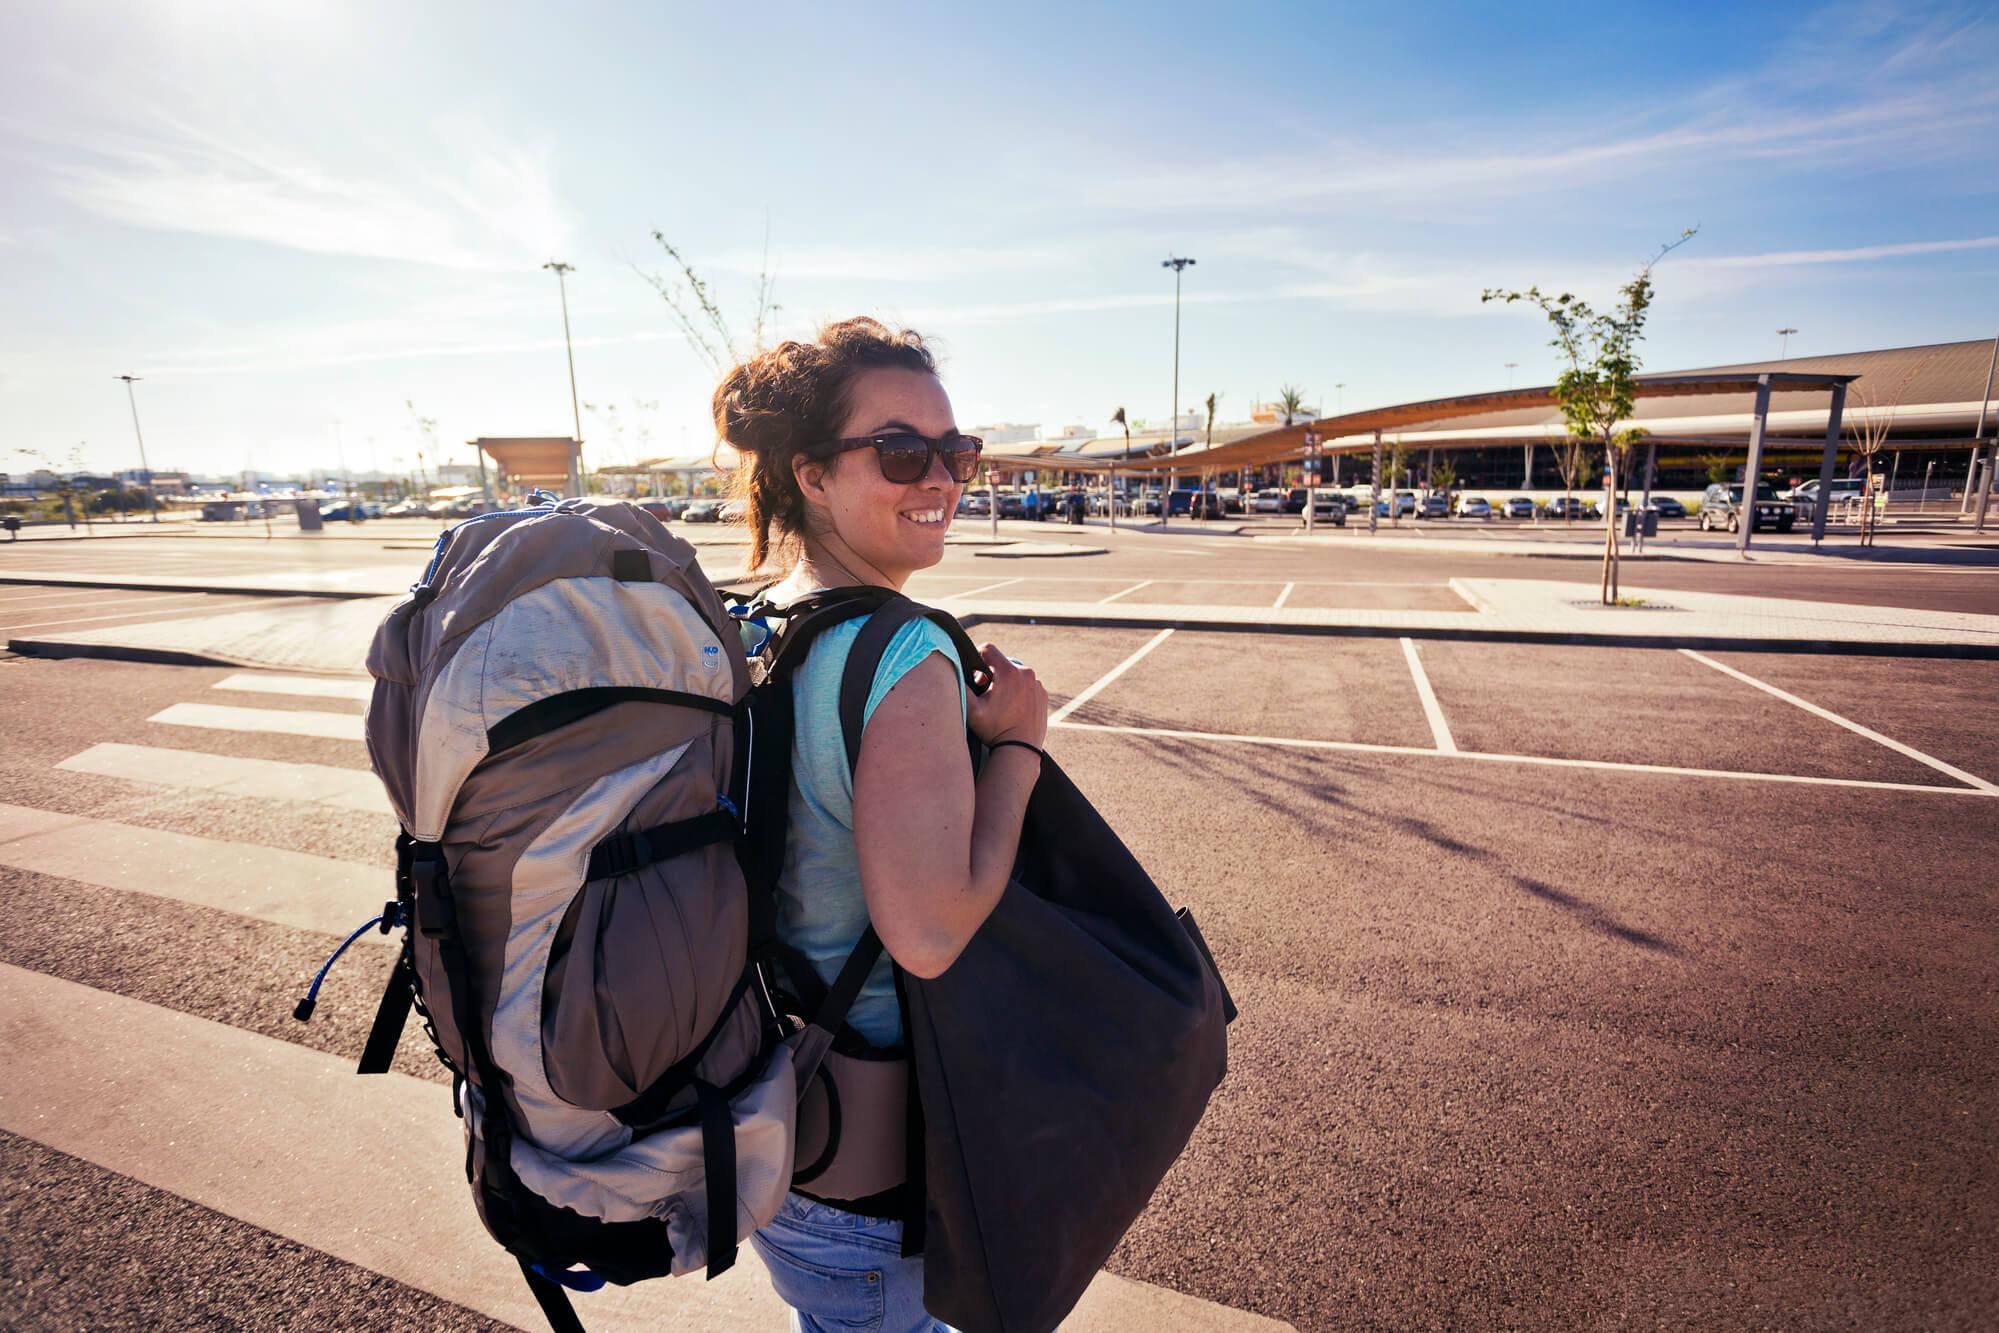 Seguro De Viagem: O Que Você Precisa Saber Antes De Viajar